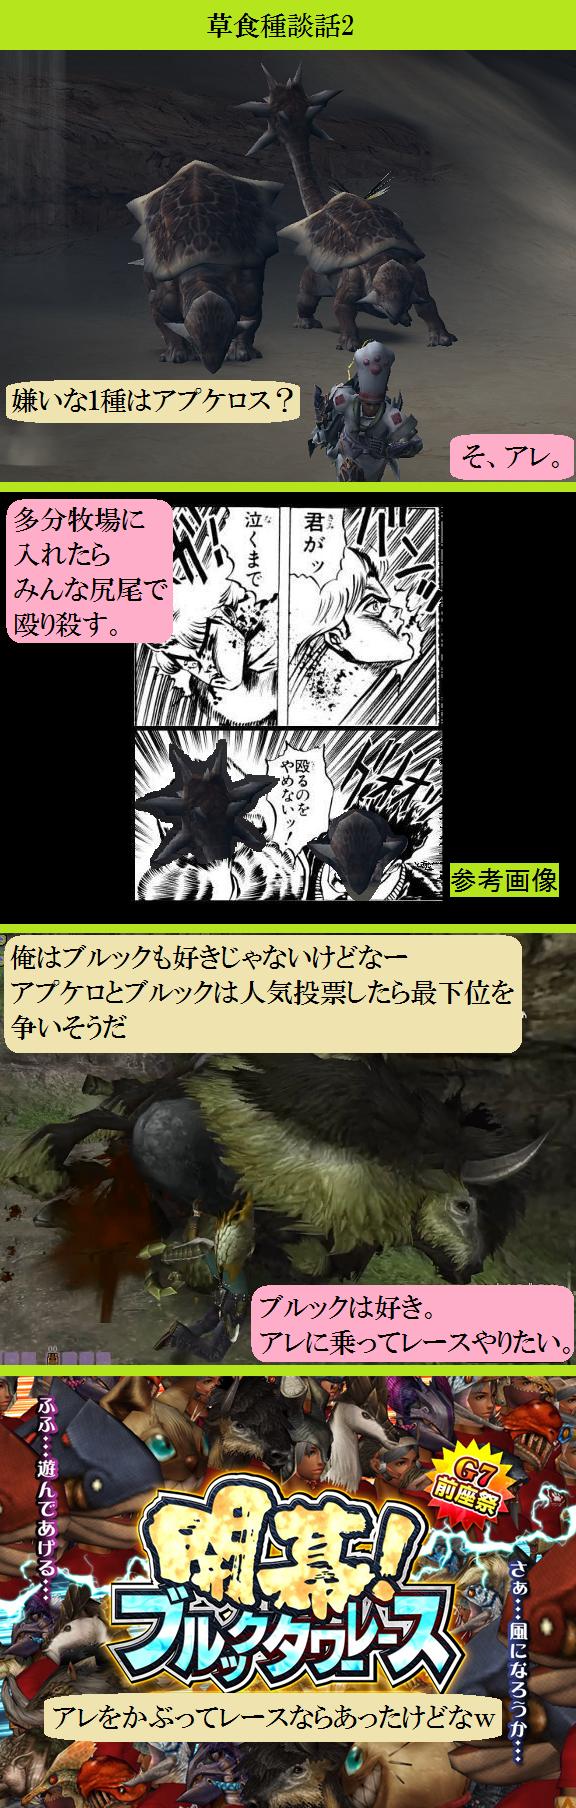 20151212 「草食種談話2」